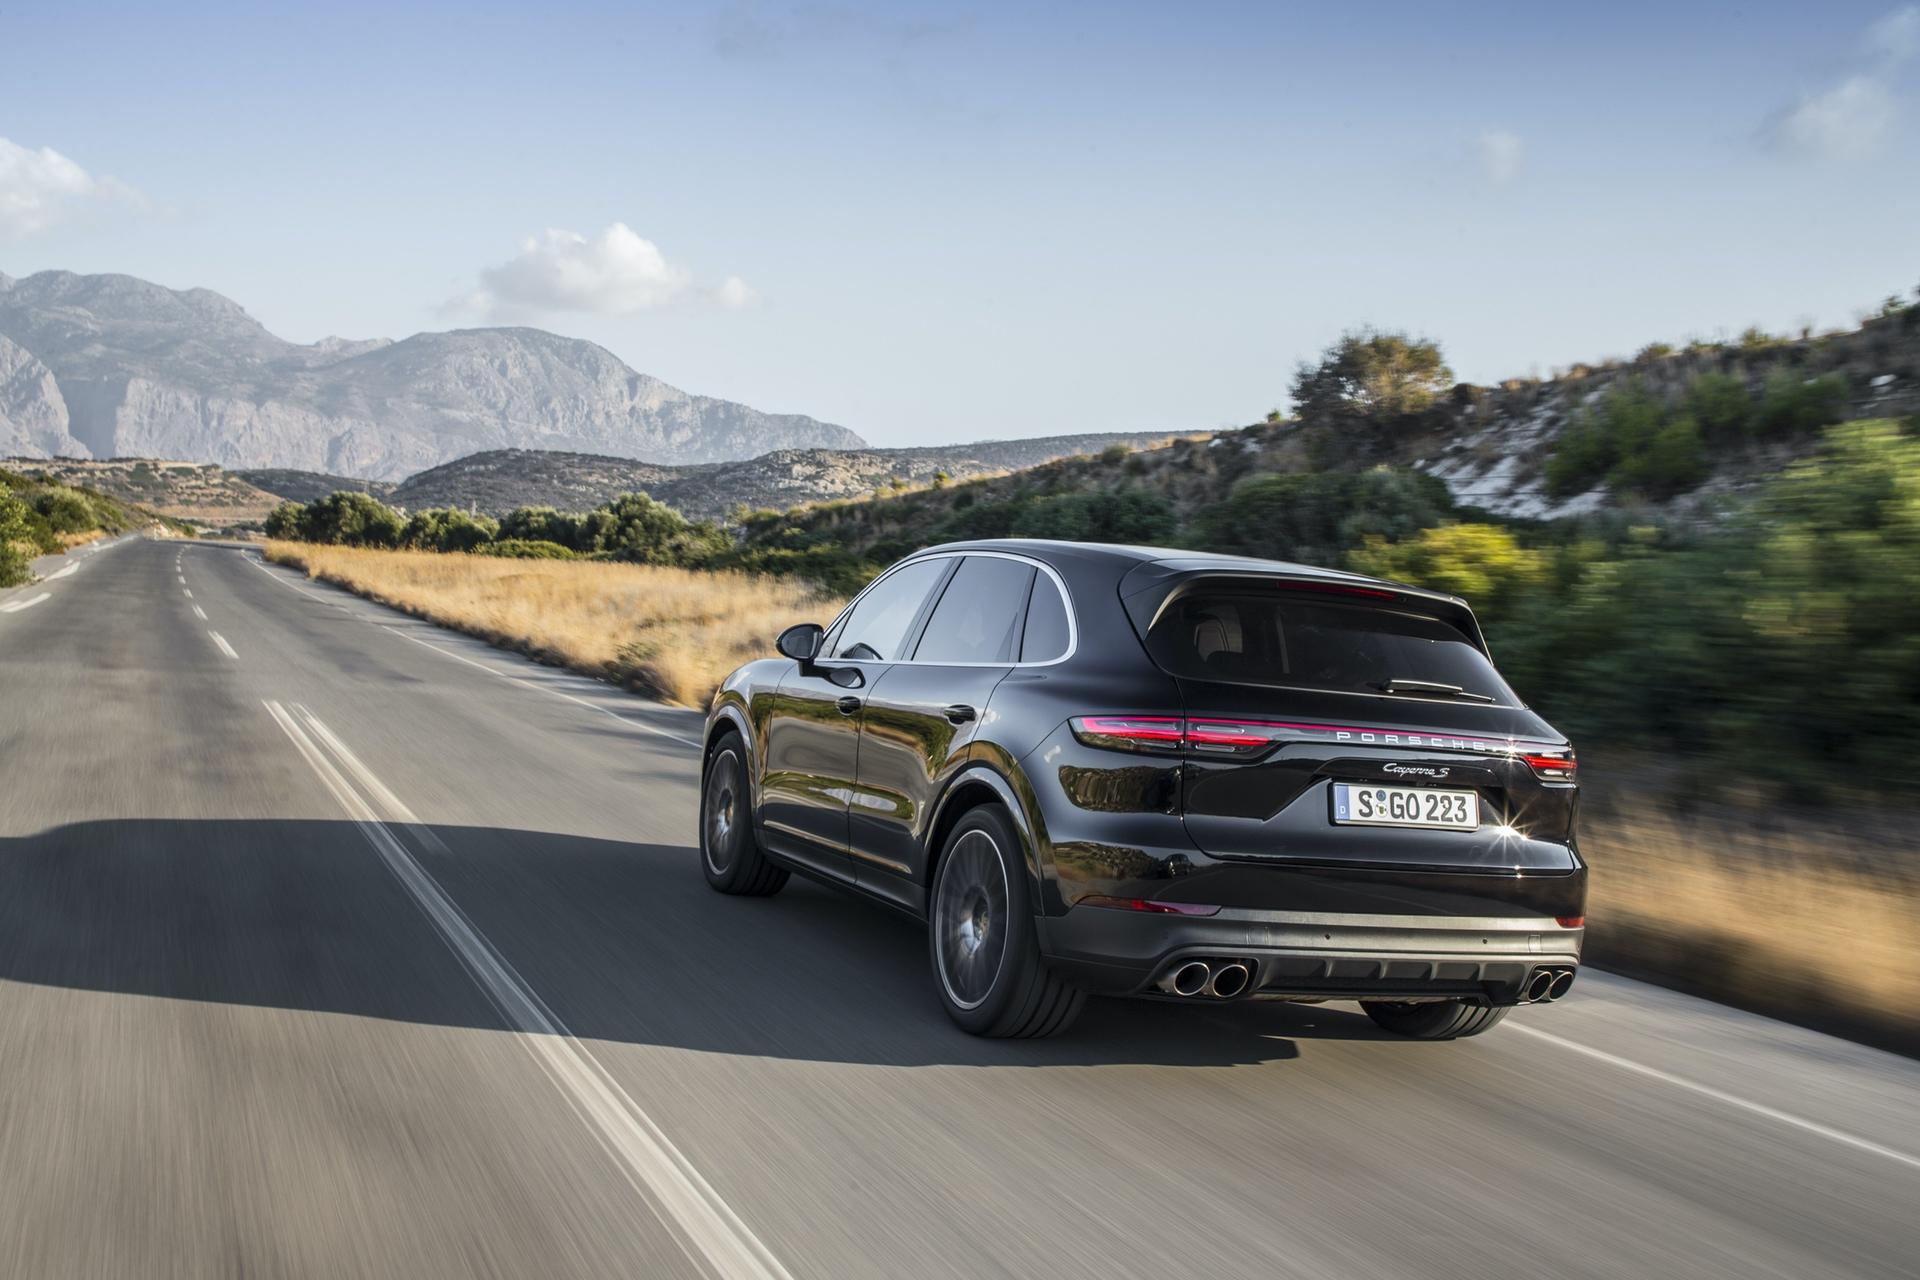 Test_Drive_Porsche_Cayenne_306